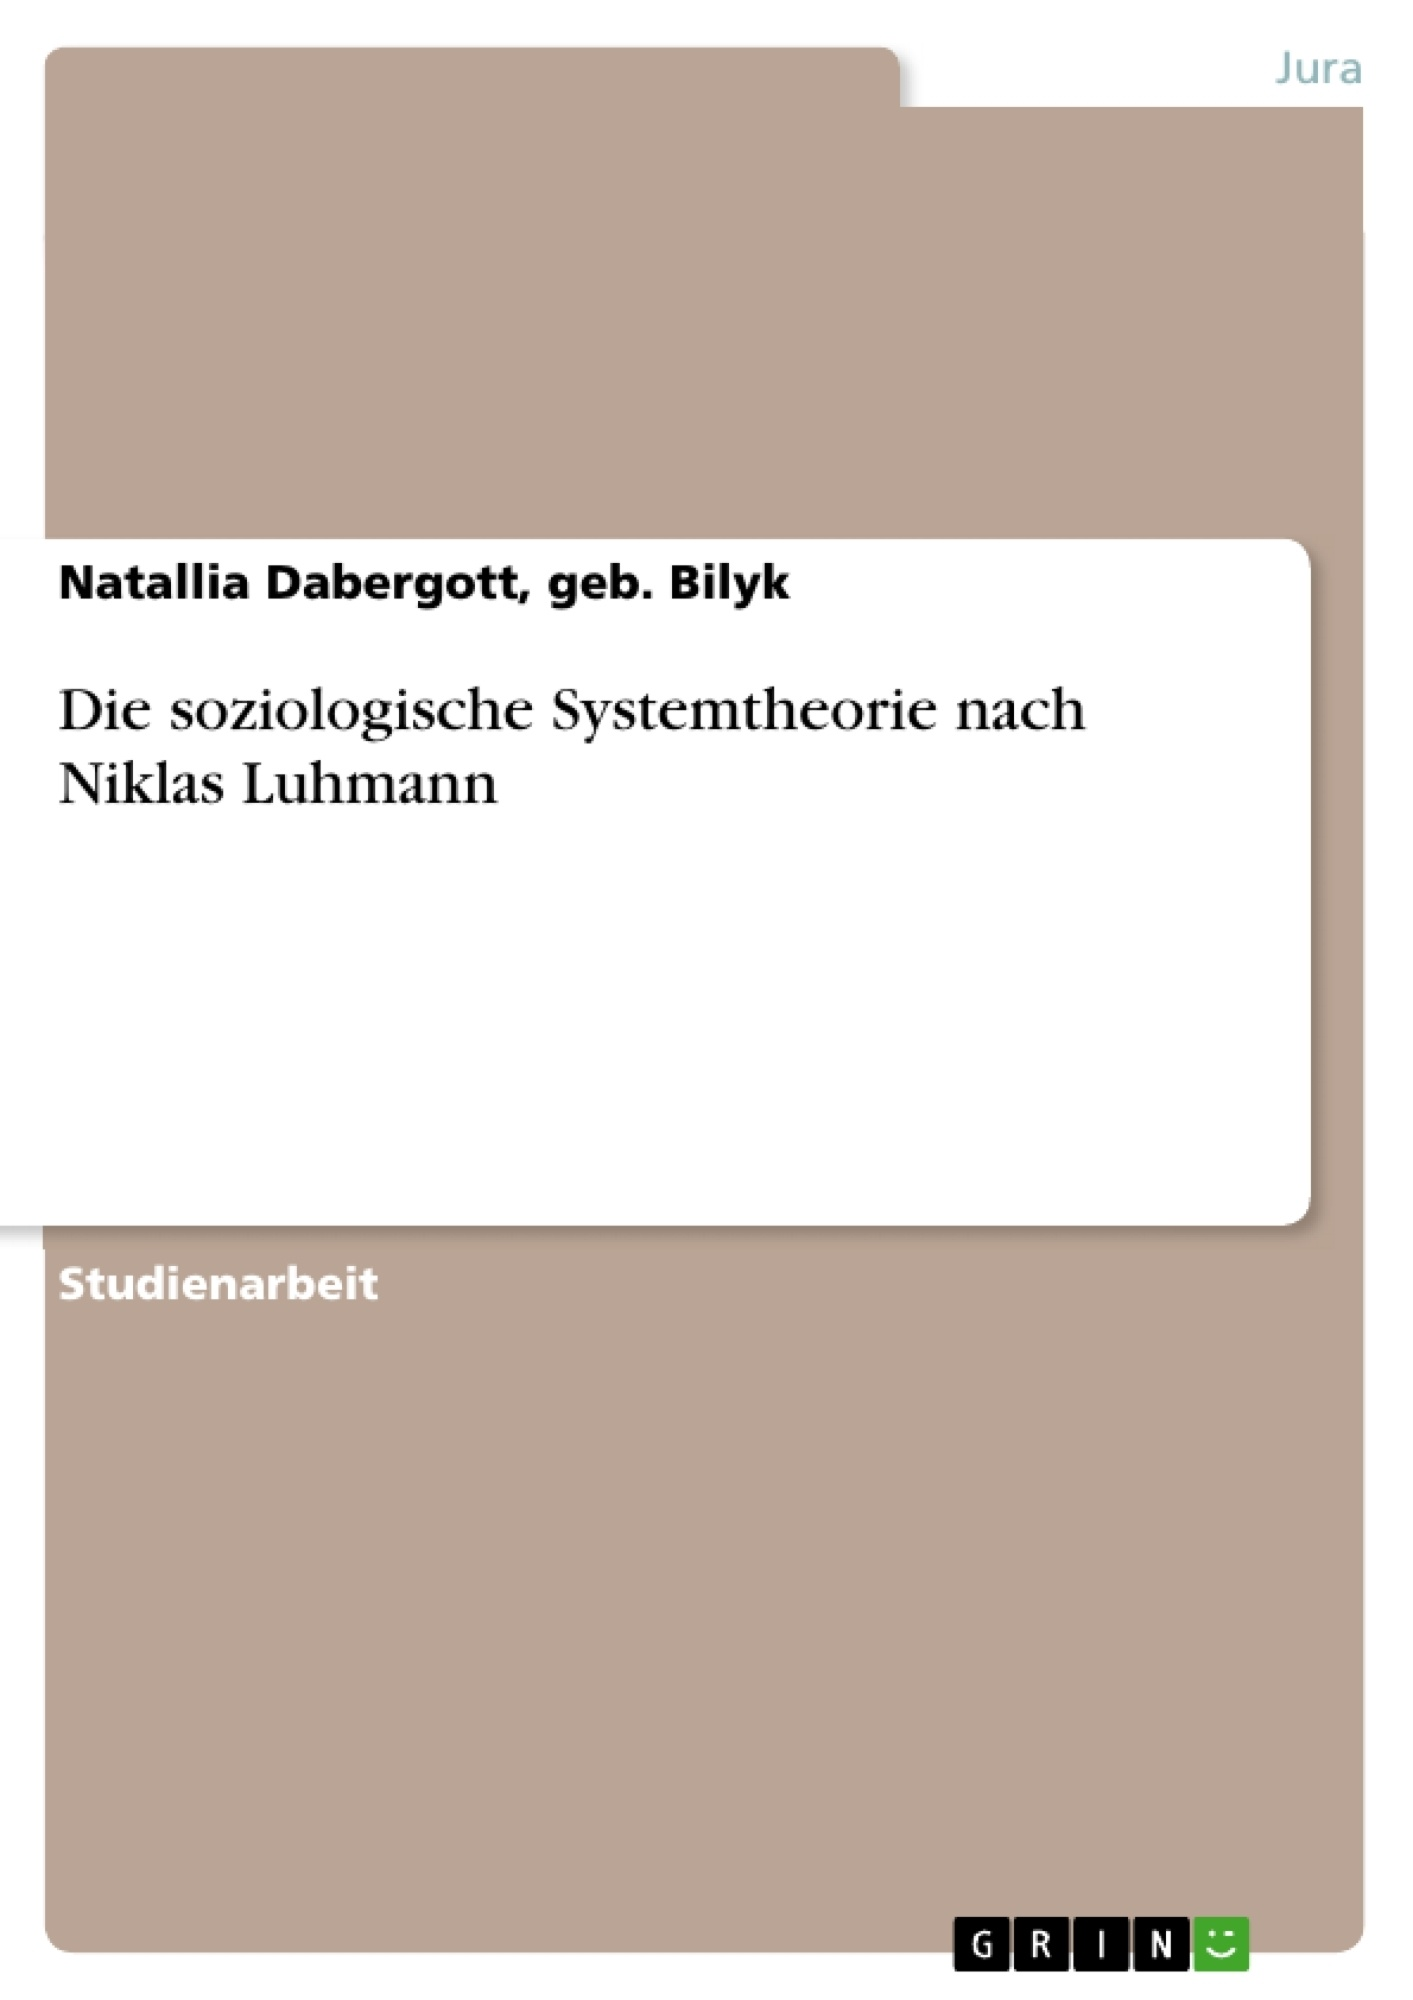 Titel: Die soziologische Systemtheorie nach Niklas Luhmann